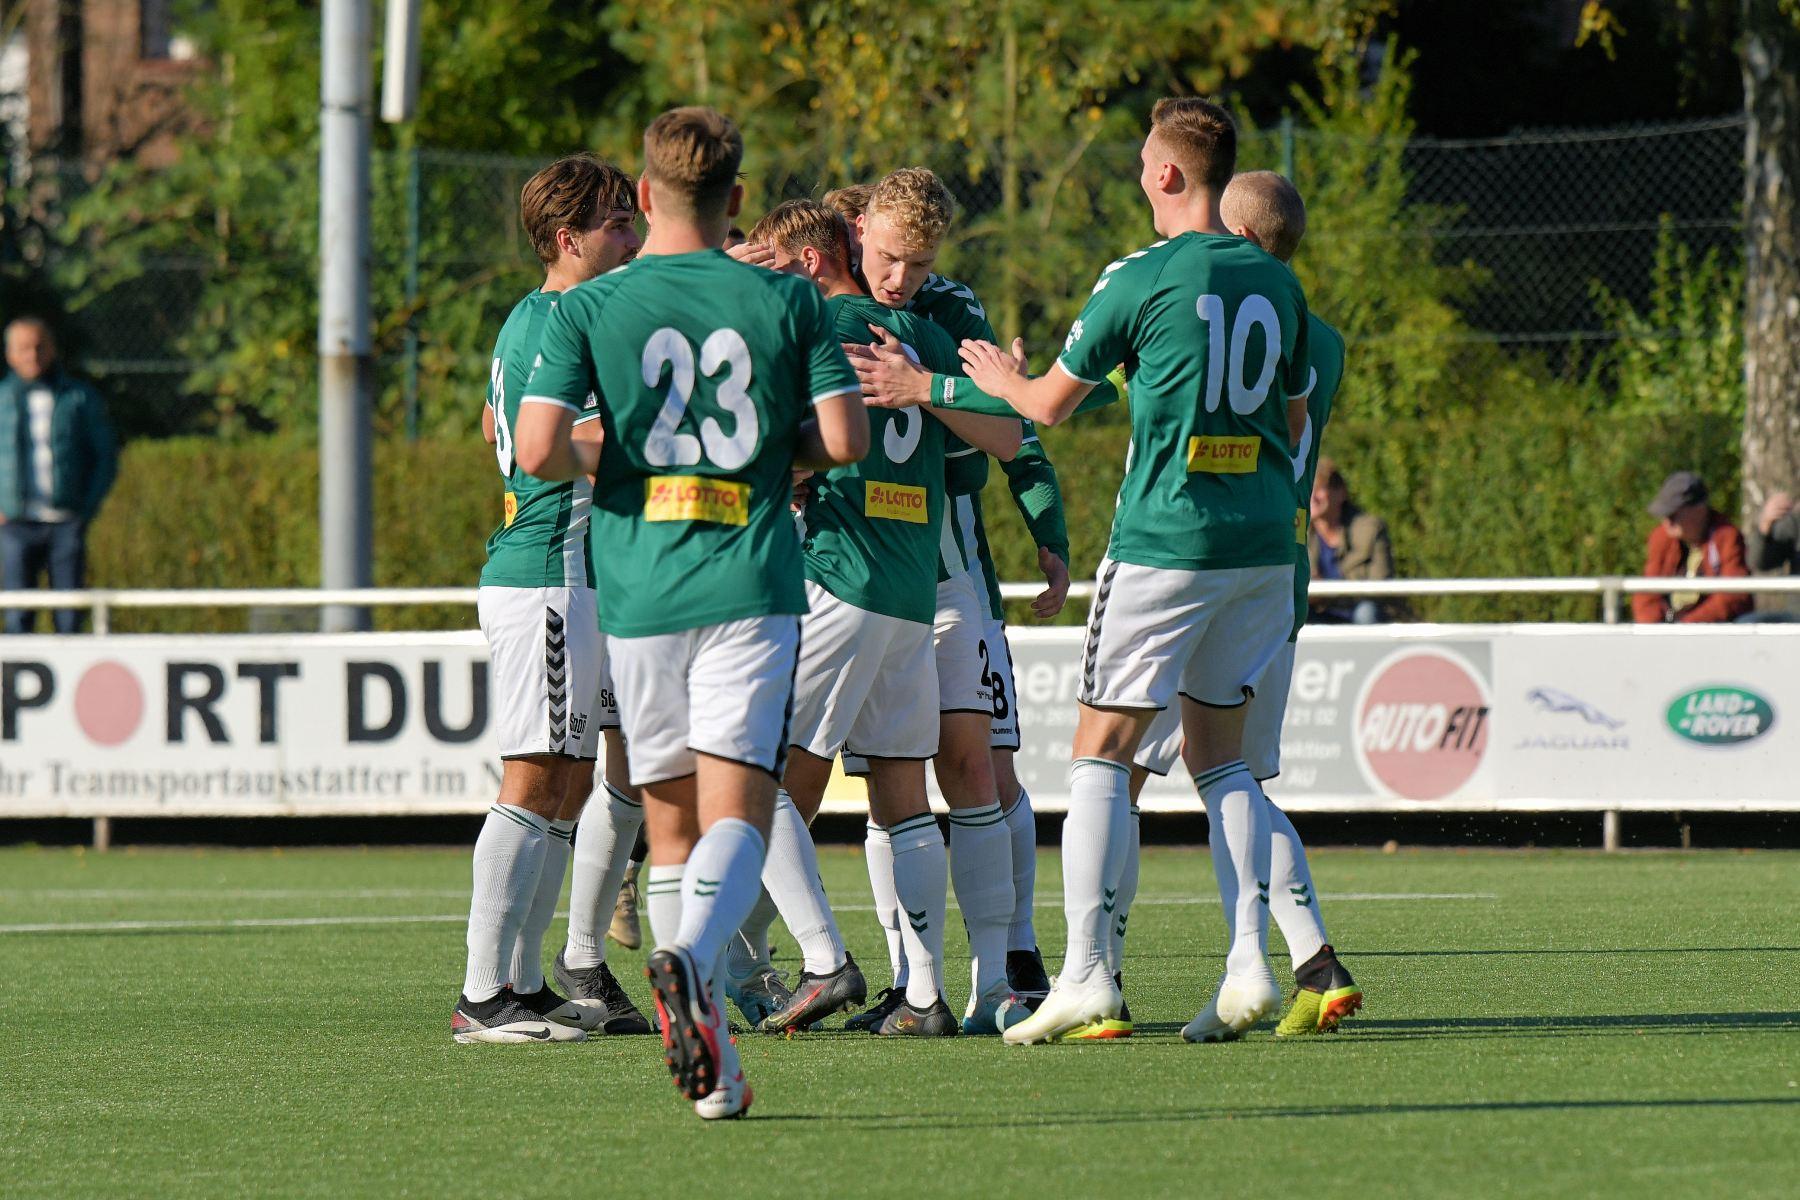 Bildergalerie vom Spiel gegen FC Hagen - Uthlede